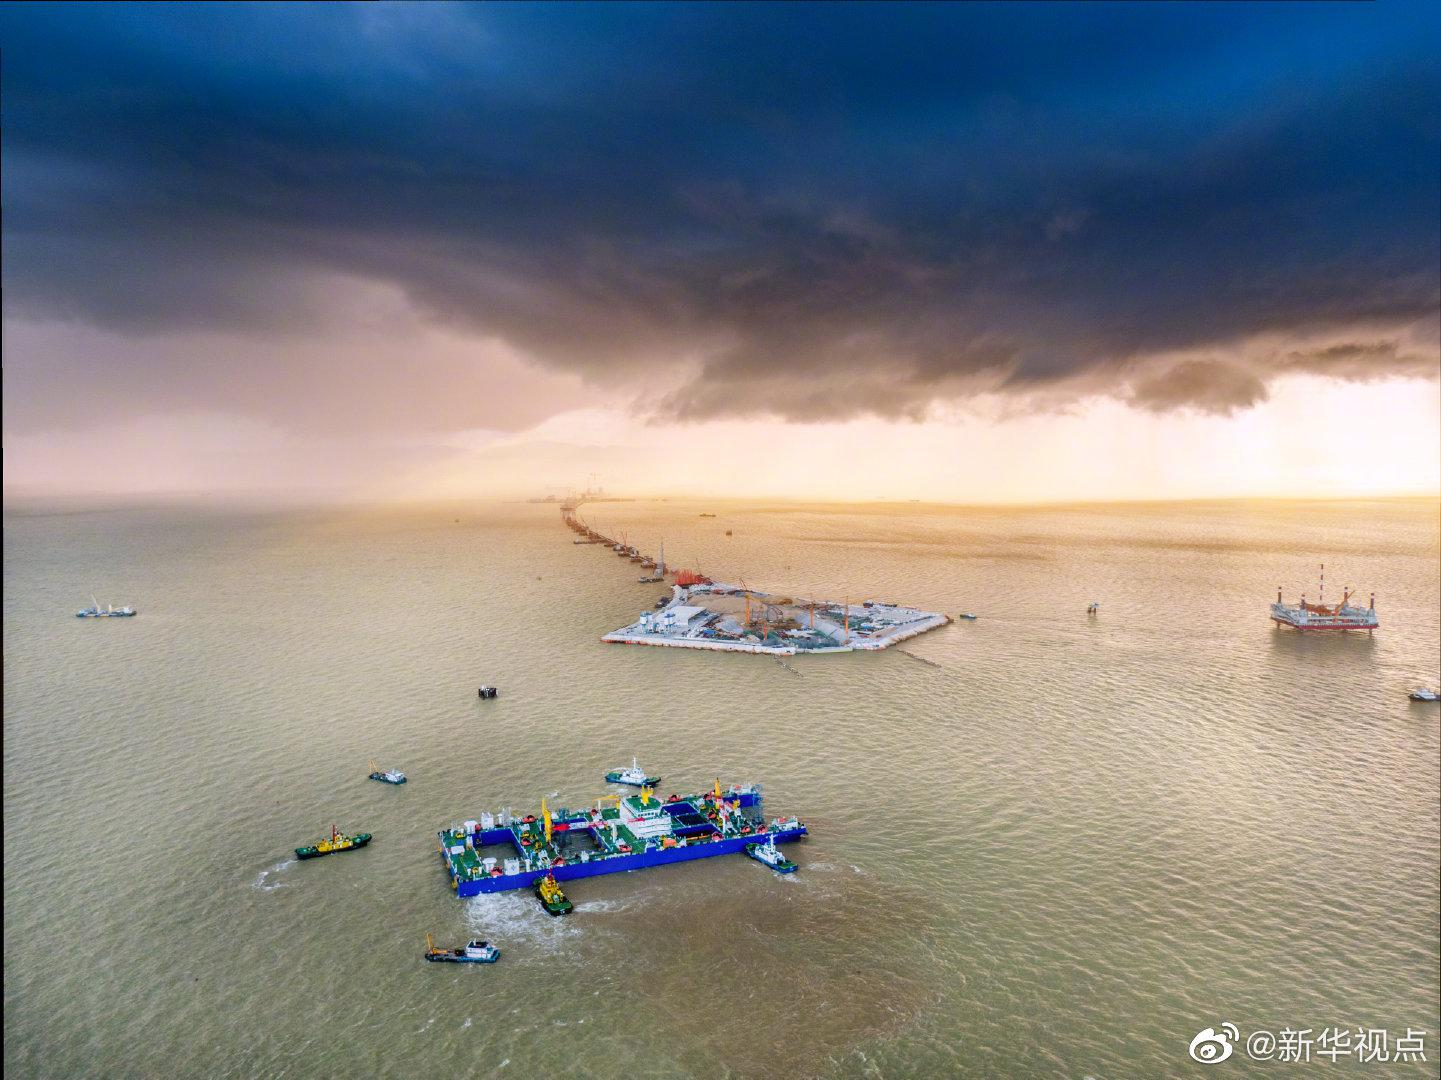 粤港澳大湾区超级工程完成首节沉管海底对接图片